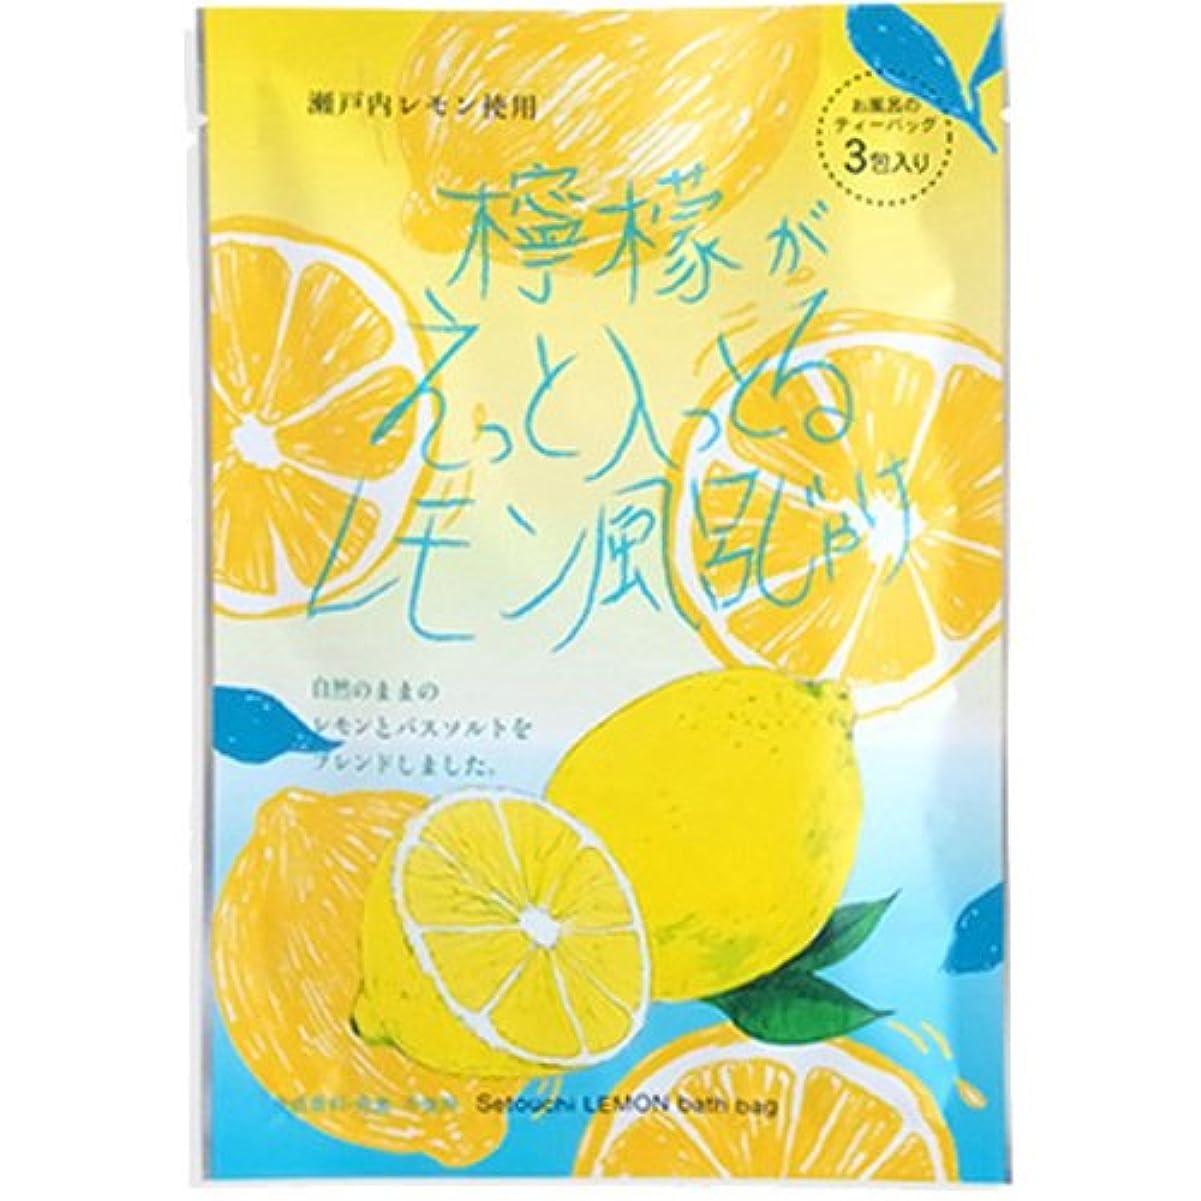 スポーツビット塗抹檸檬がえっと入っとるレモン風呂じゃけ